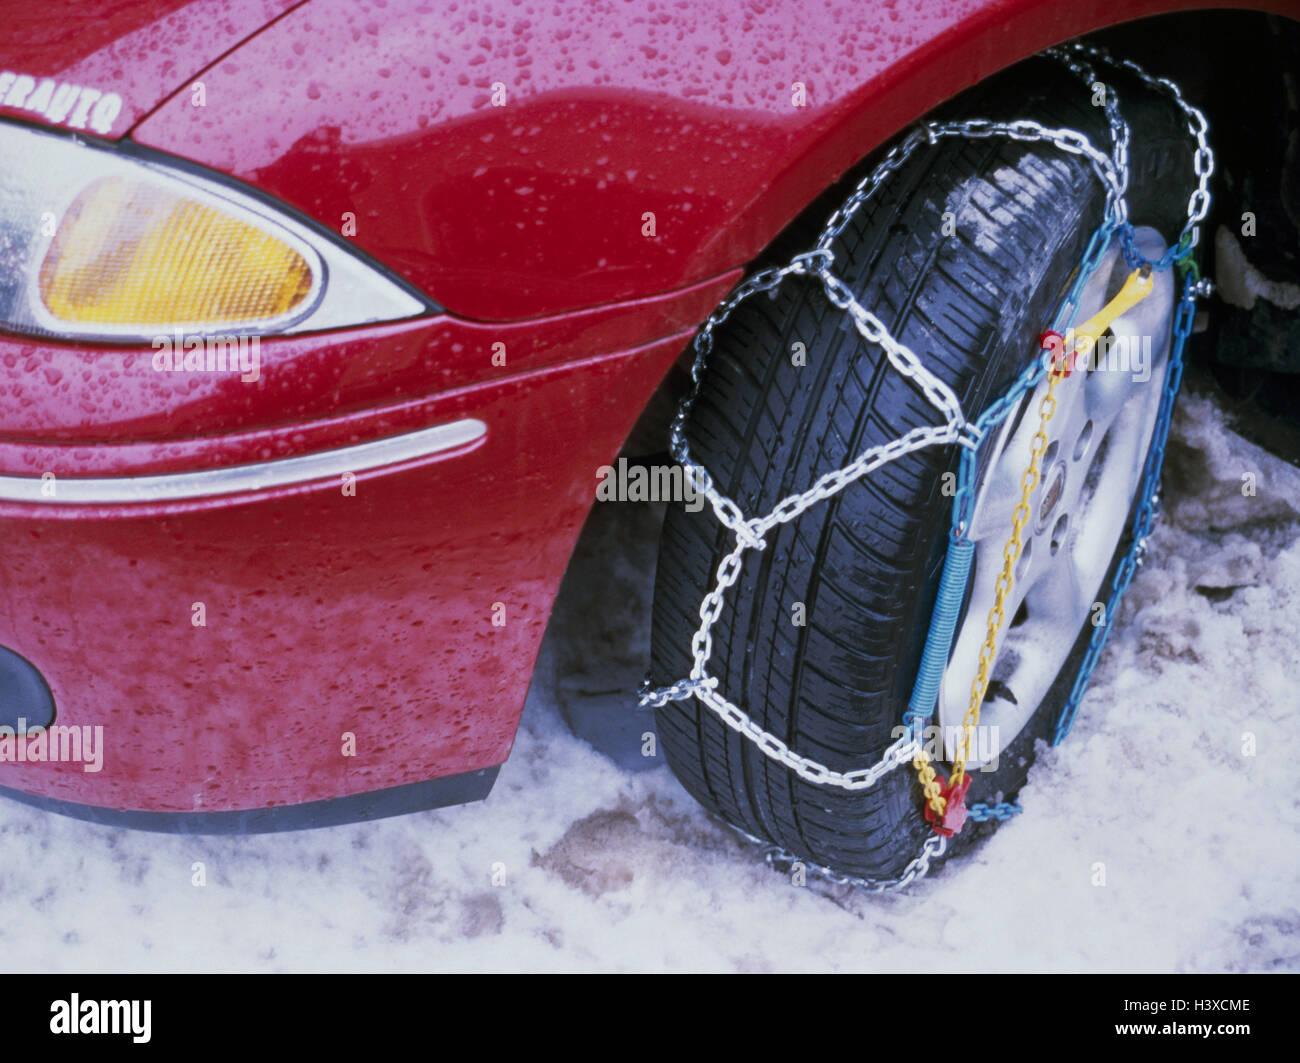 PKW, Detail, Reifen, Anti-Rutsch-Ketten, Verkehr, Auto, Winterausrüstung, Sicherheit, Winter, Schnee, schneebedeckte Stockbild